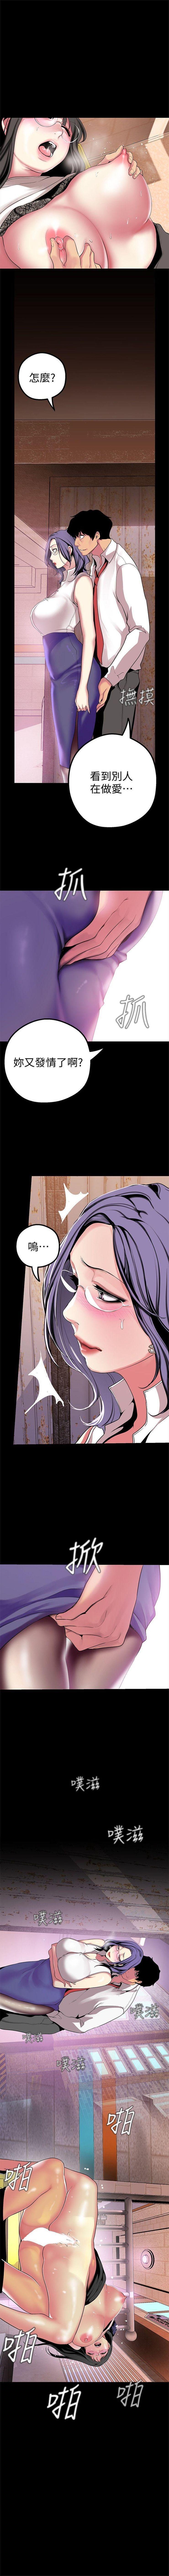 (周6)美丽新世界 1-61 中文翻译 (更新中) 189